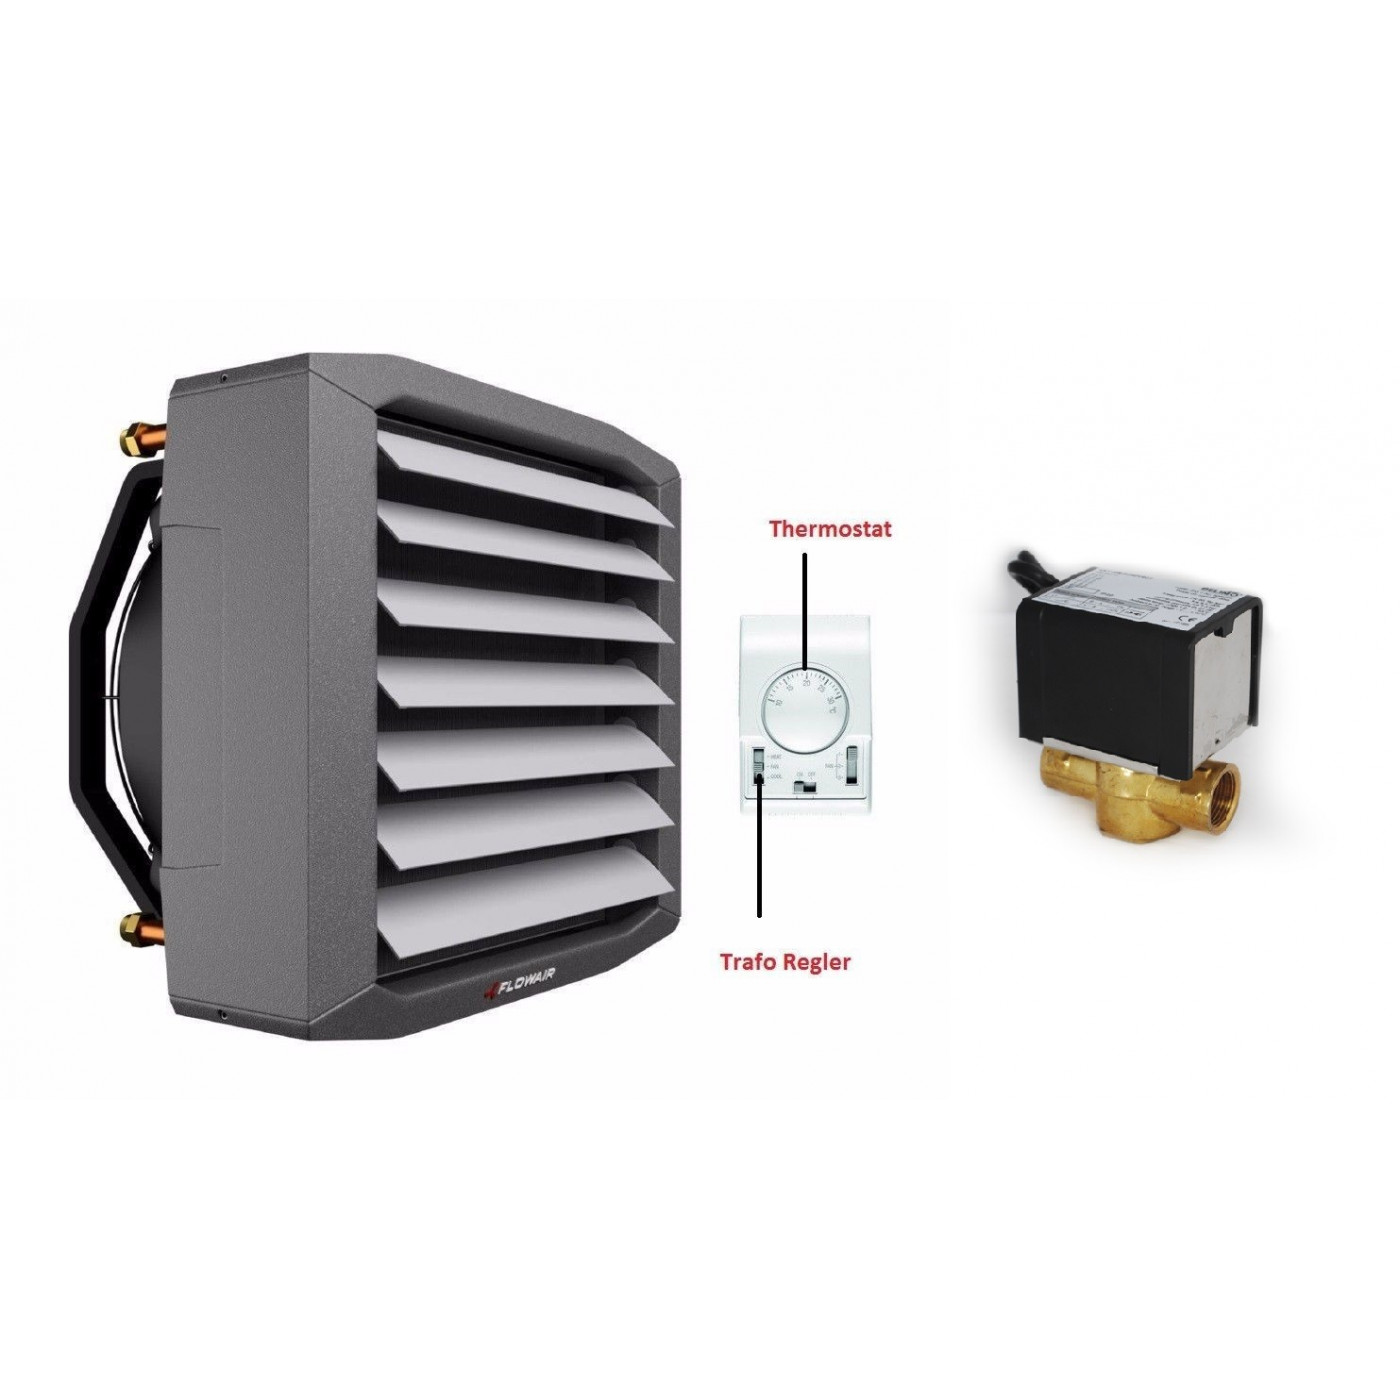 Lufterhitzer 12,8KW Drehzahltraforegler Thermostat Stellmotor 2 Weg Ventil Heizregister Luftheizung Hallenheizung